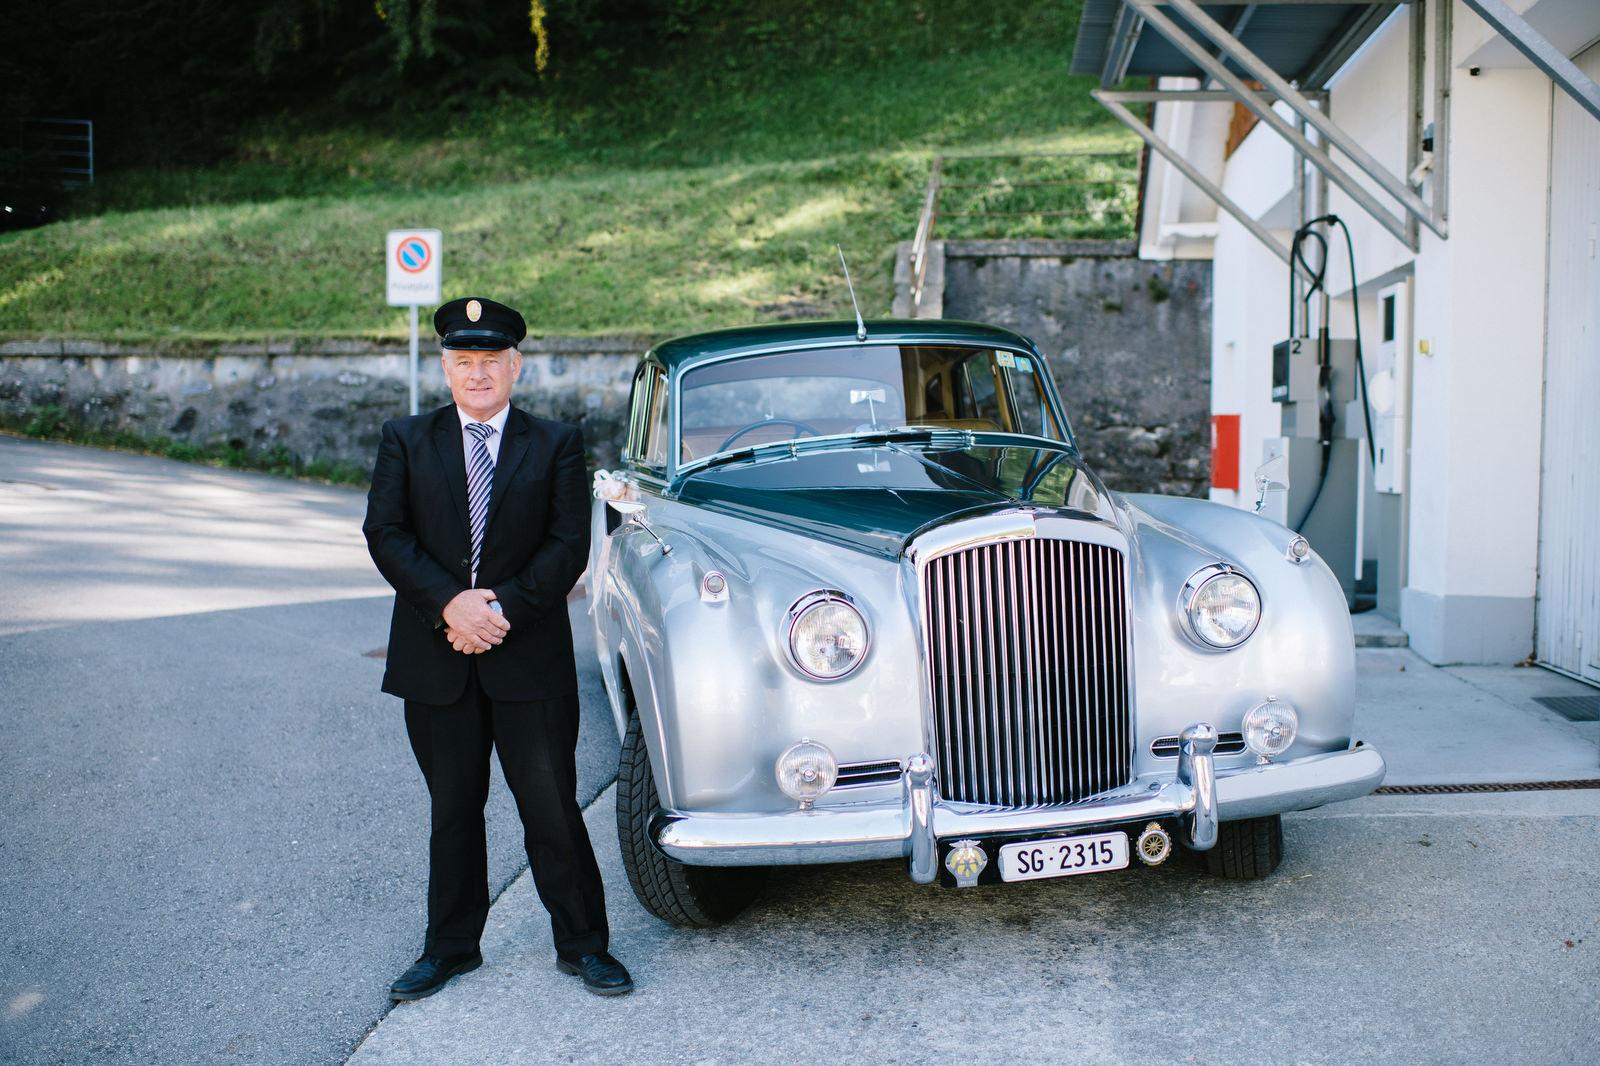 Fotograf Konstanz - Luxus Hochzeit Fotograf Grand Resort Bad Ragaz Schweiz Lichtenstein 094 - Destination wedding at the Grand Resort Bad Ragaz, Swiss  - 161 -